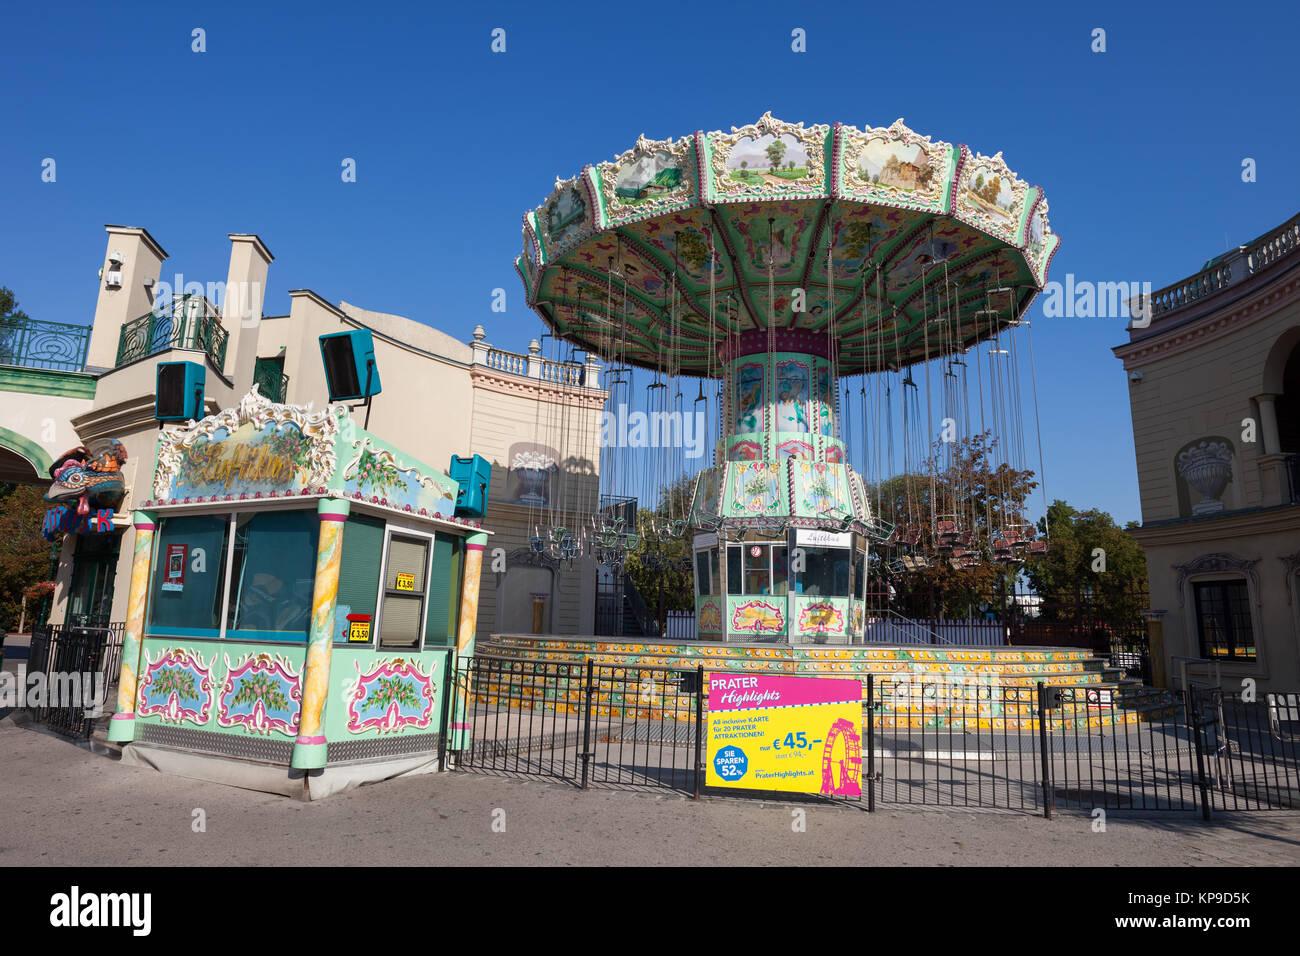 Retro nostálgico Luftikus Kettenkarussell carrusel en el parque de atracciones Prater, en la ciudad de Viena, Imagen De Stock